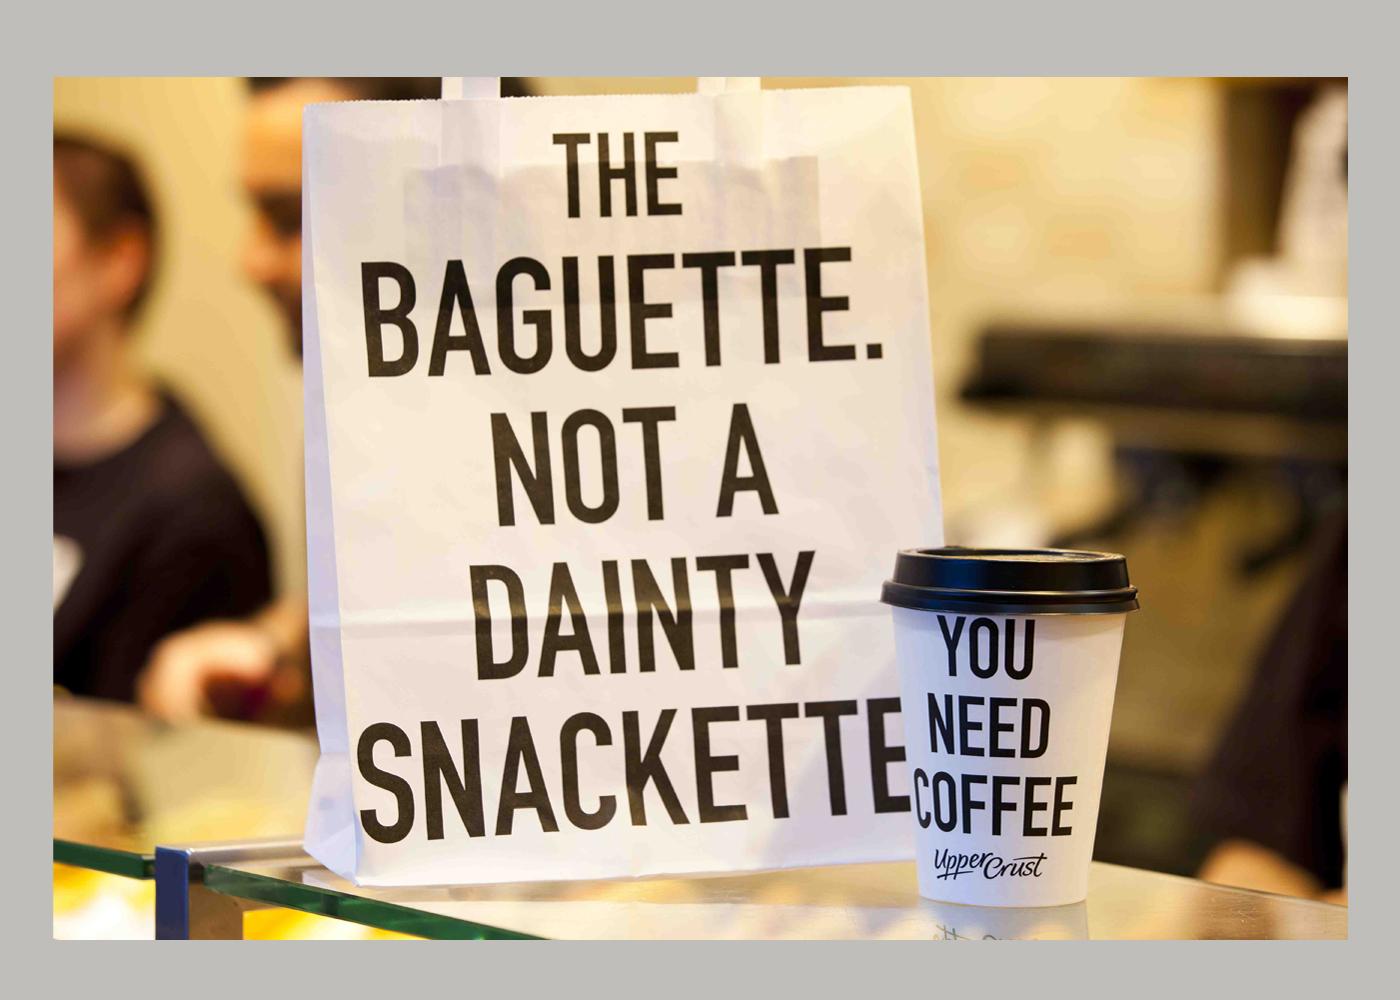 UC_Packaging-BagNoDaintySnackette3.jpg